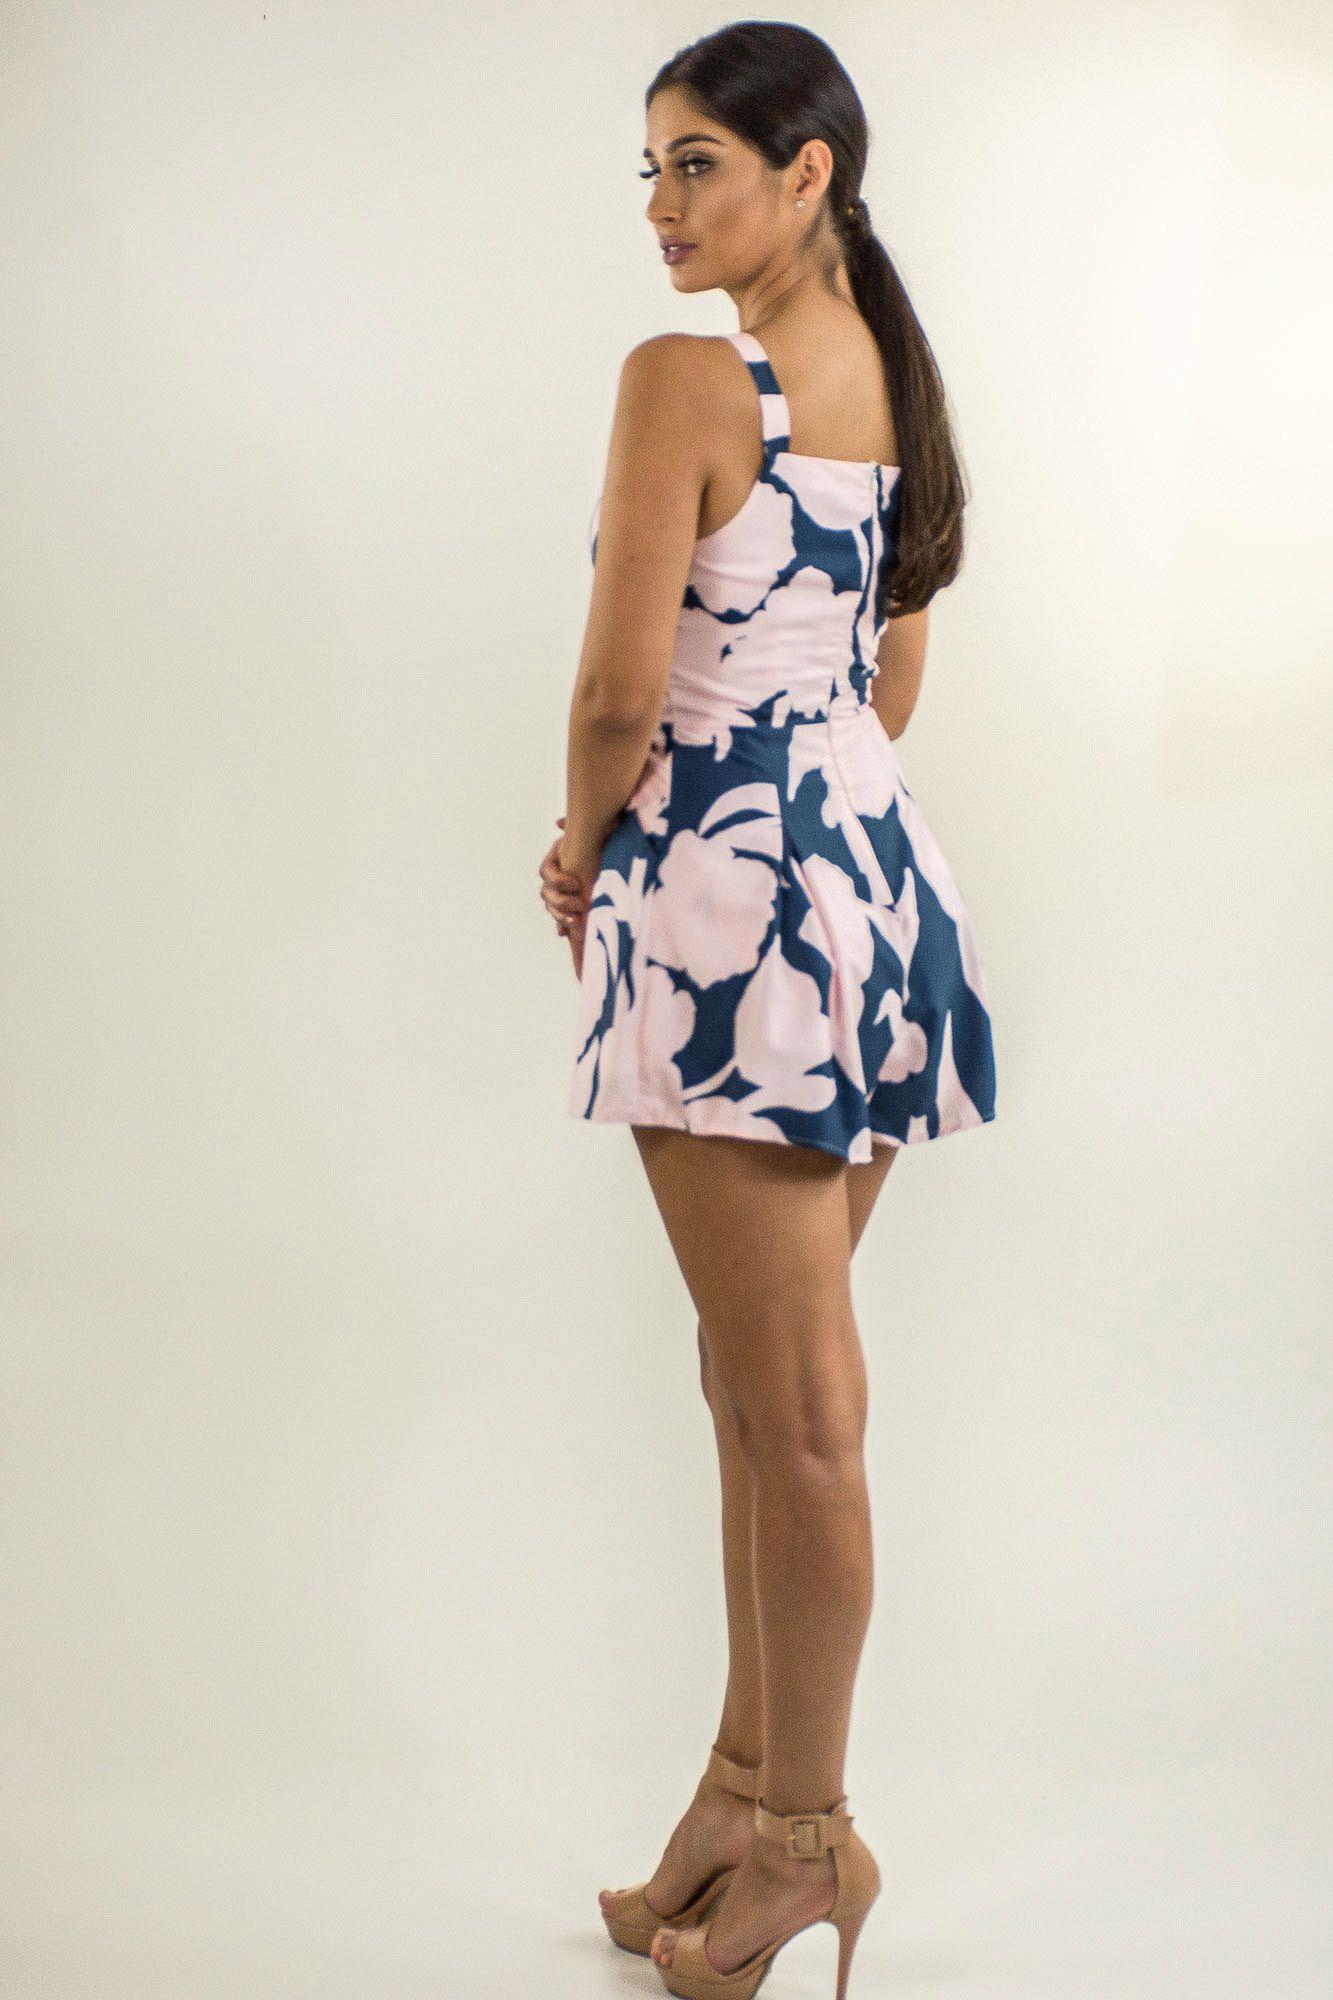 ceab29fcc NotoriaStore: Moda Feminina Florianópolis - Online Macacão curto